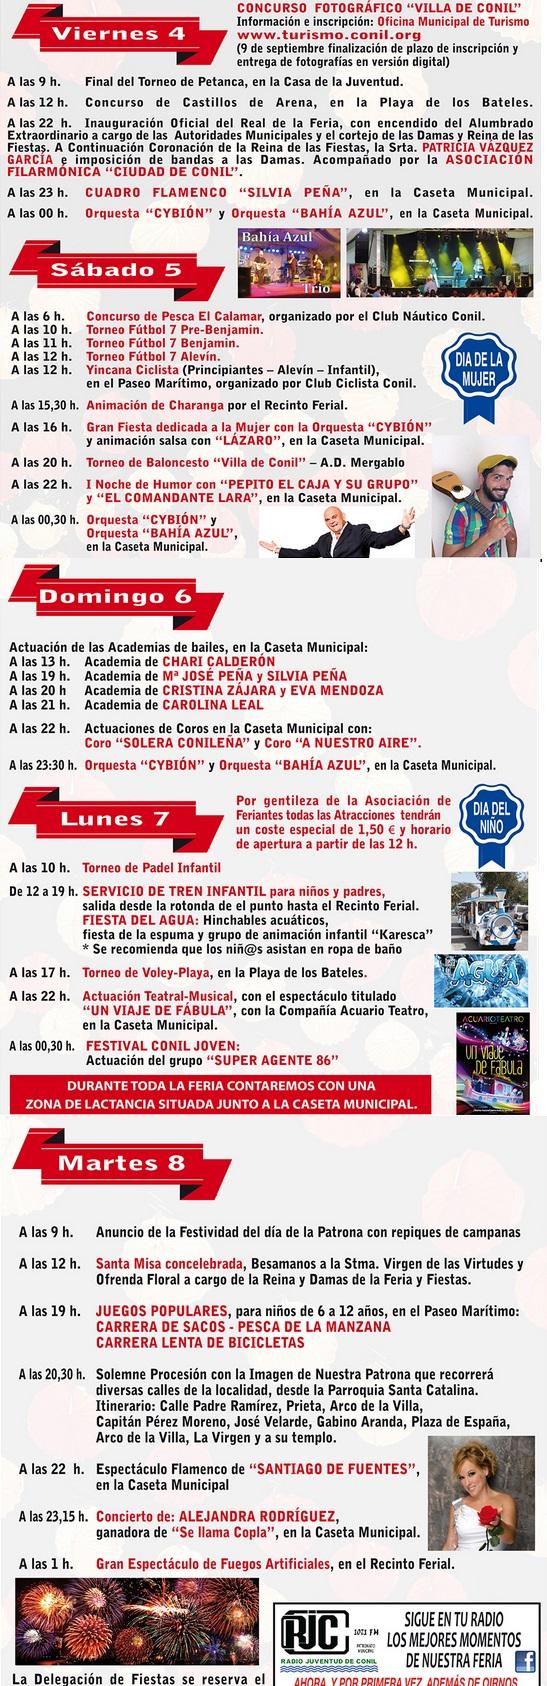 Programm Feria de Conil 2015